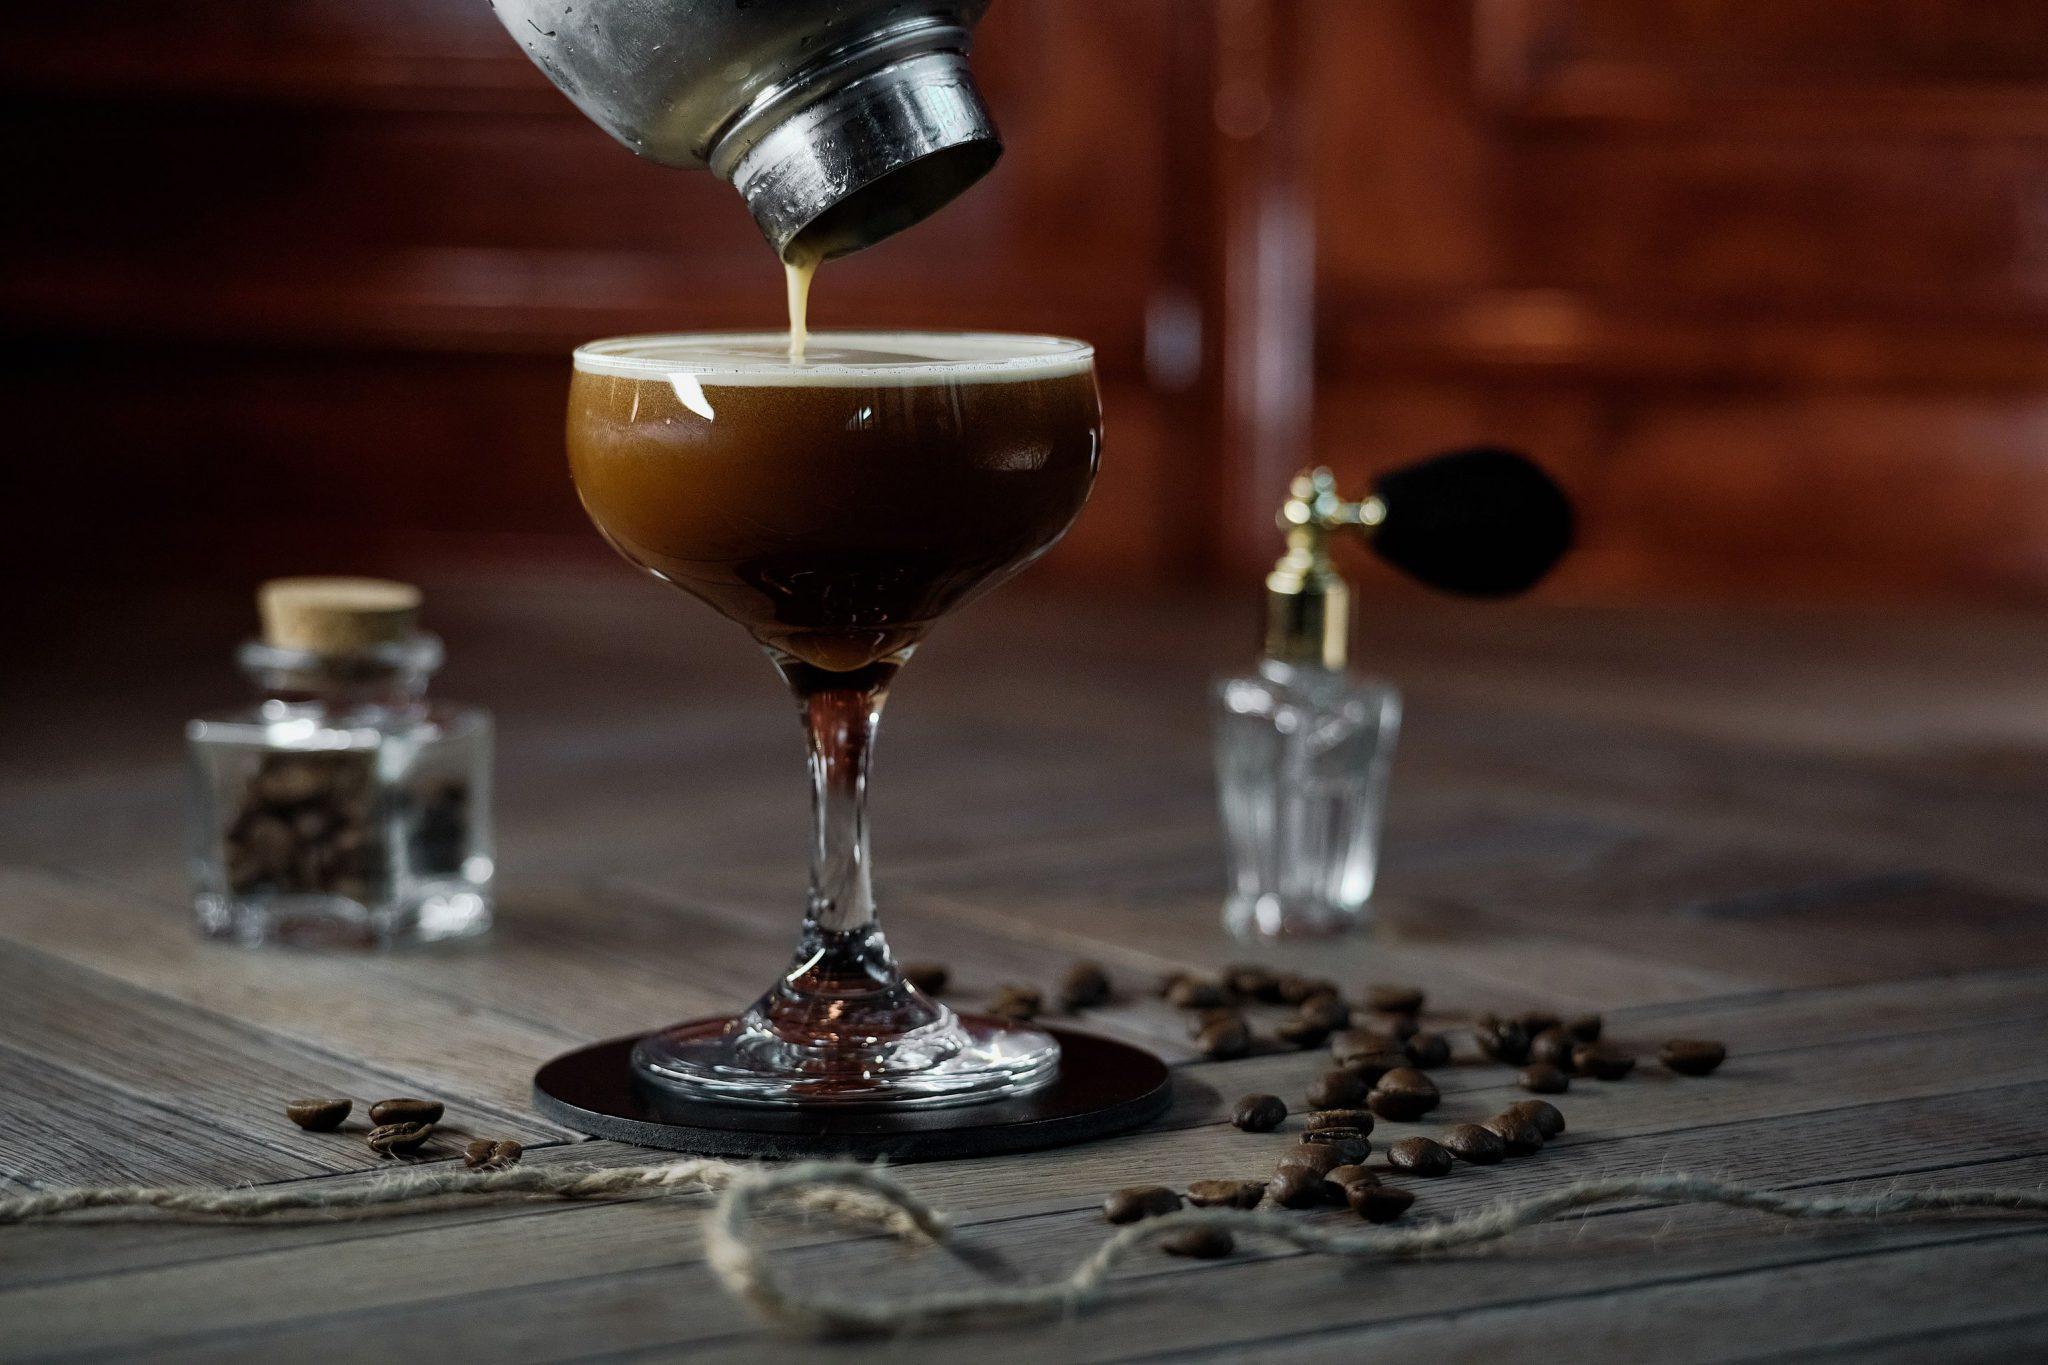 Історія коктейлю. Що таке Espresso Martini